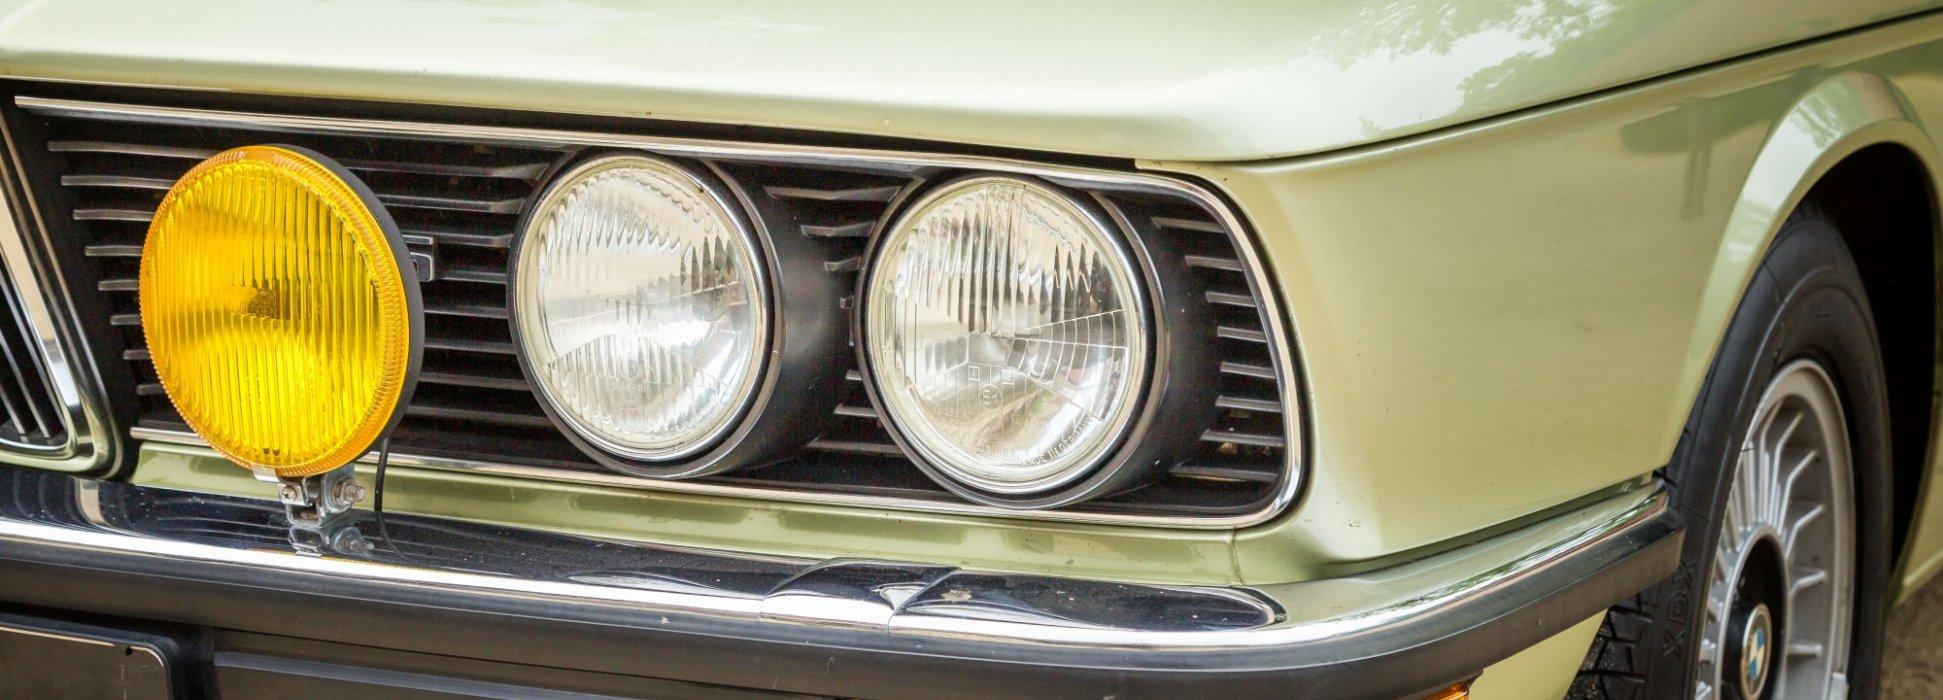 BMW 525 E12 Limousine 1976 1